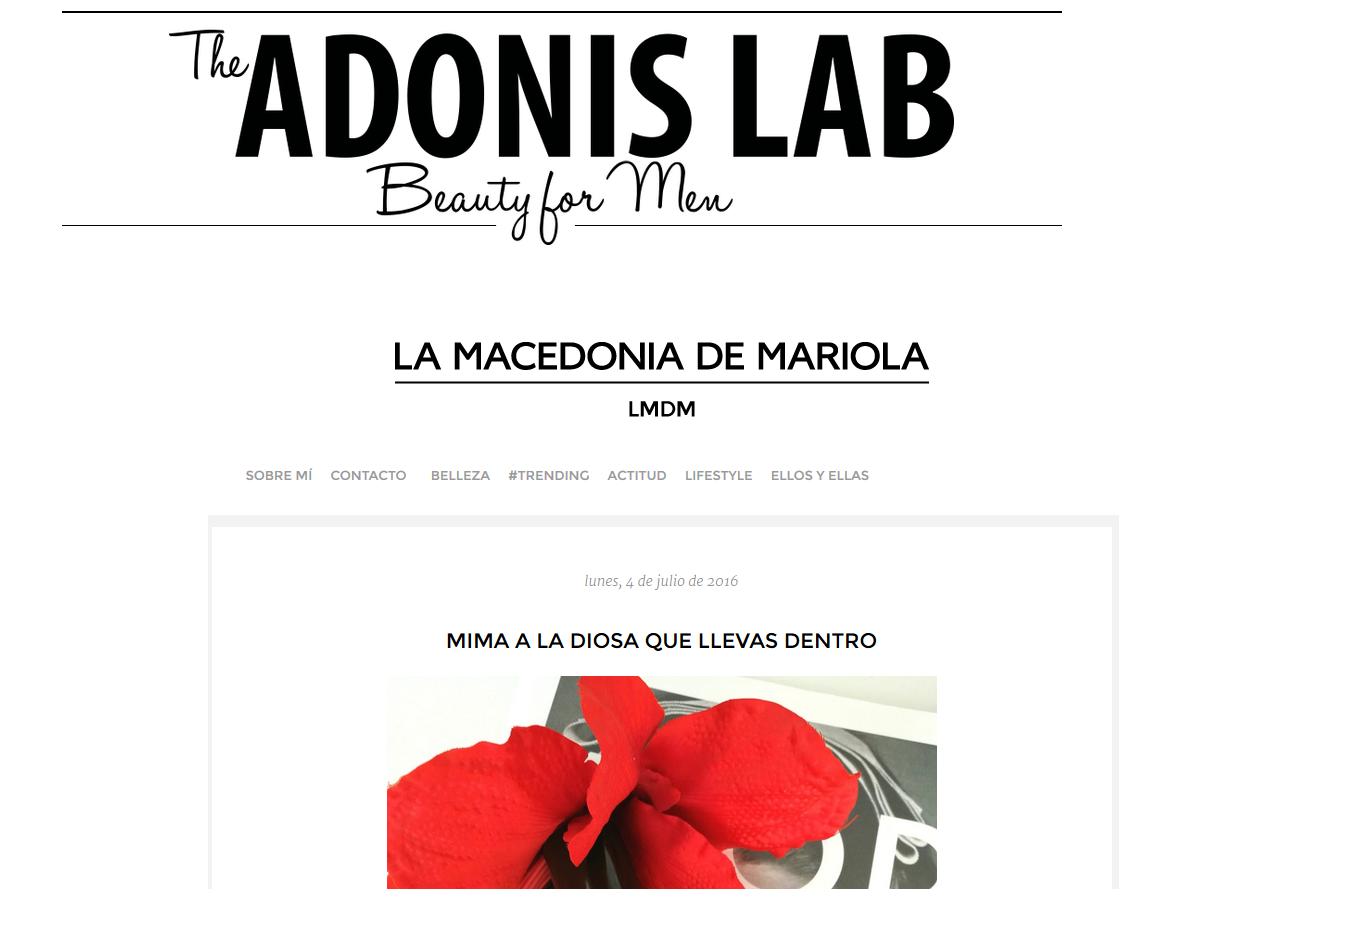 Hablan de nosotros en The Adonis Lab y La Macedonia de Mariola